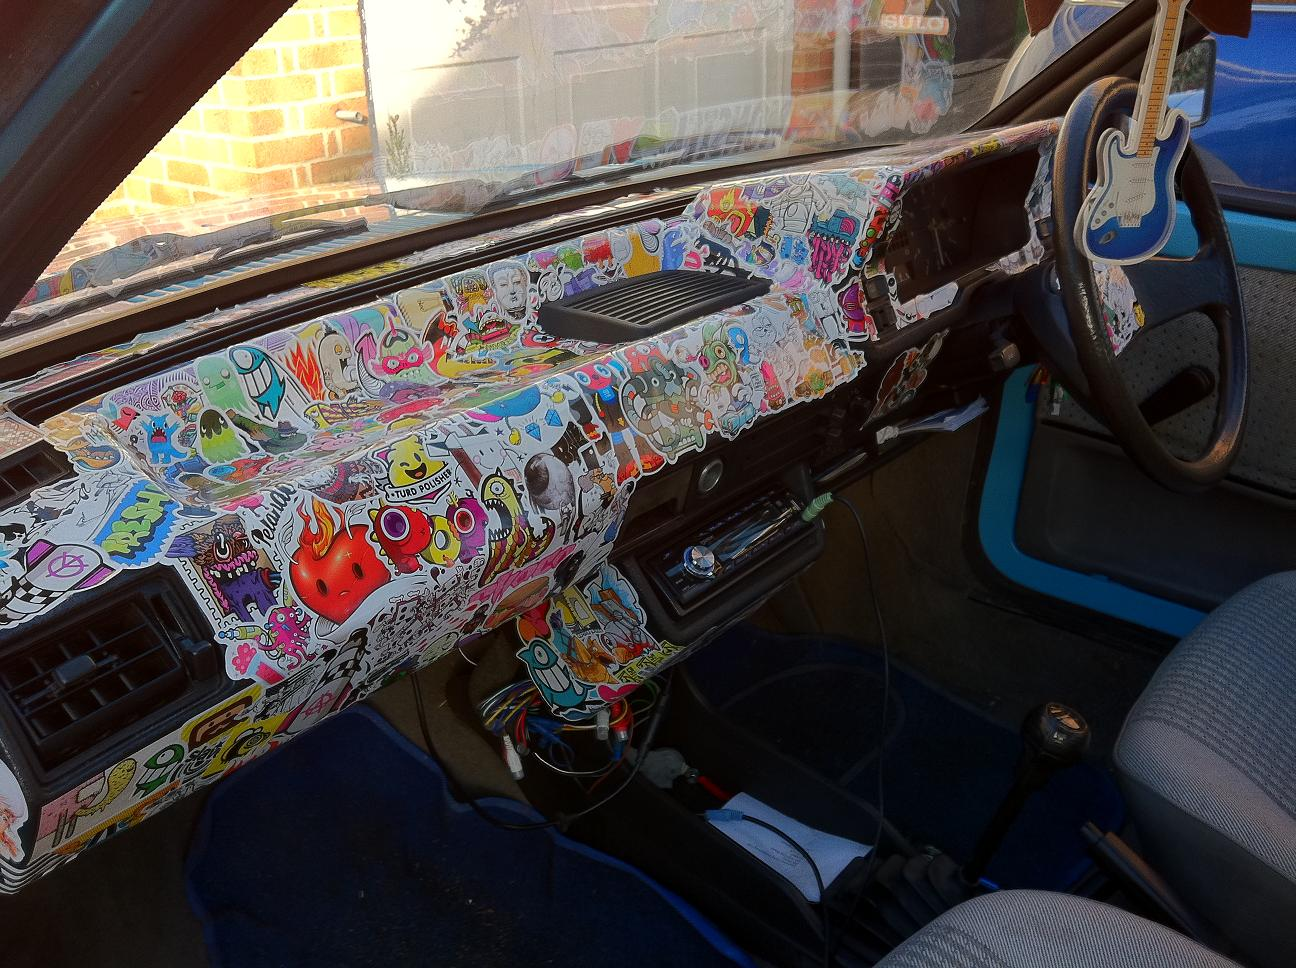 Sticker Bombing Dashboard Bodywork Interior And Trim